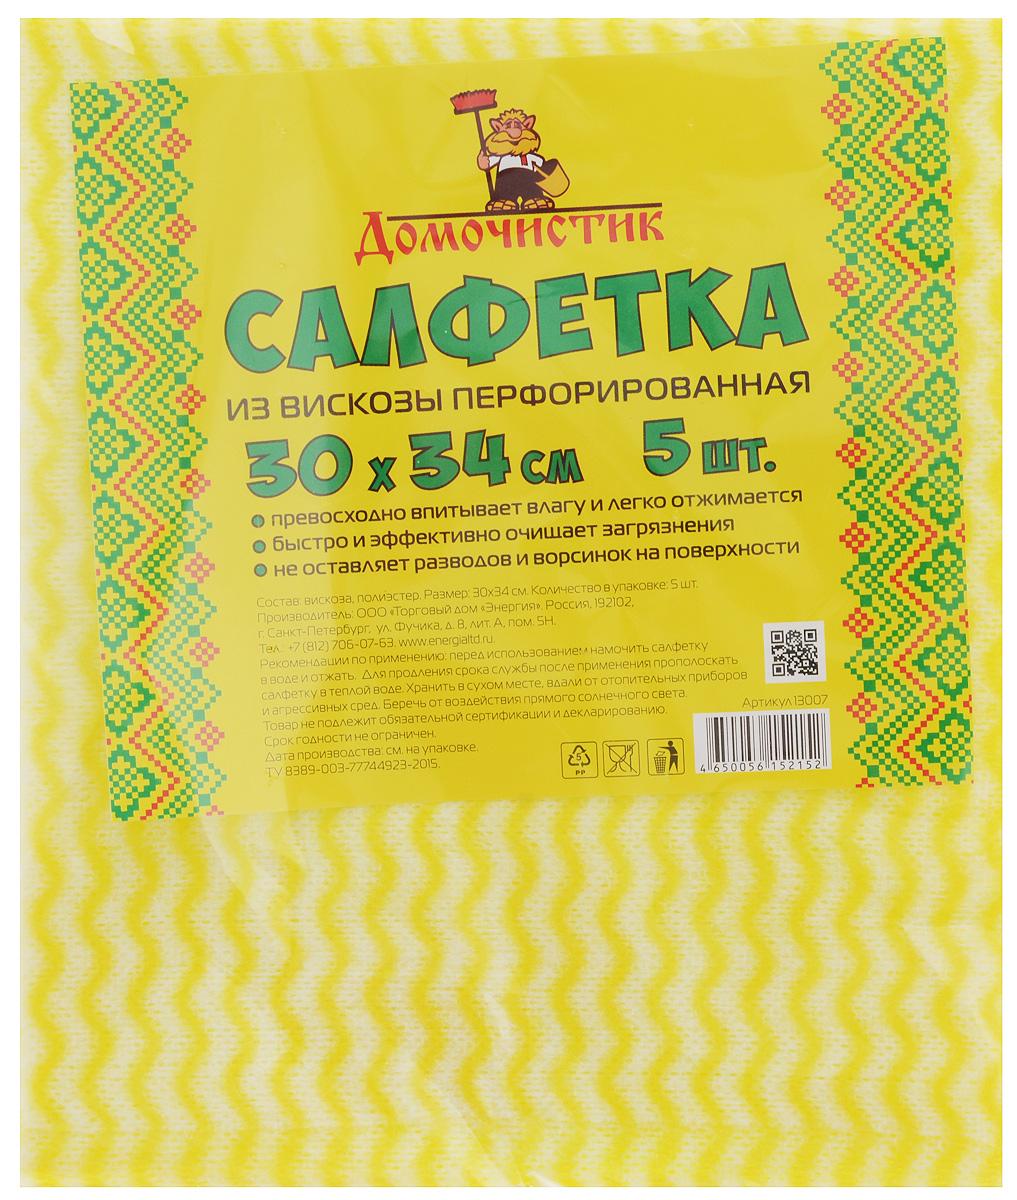 Салфетка для уборки Домочистик из вискозы, перфорированная, цвет: желтый, зеленый, 30 x 34 см, 5 шт13007_желтый, зеленыйПерфорированные салфетки для уборки Домочистик выполнены из вискозы, превосходно впитывают влагу и легко отжимаются. Быстро и эффективно очищают загрязнения, не оставляют разводов. Рекомендации по применению:Перед использованием намочить салфетку в воде и отжать.Для продления срока службы после применения прополоскать в теплой воде.Хранить в сухом месте, вдали отопительных приборов и агрессивных сред.